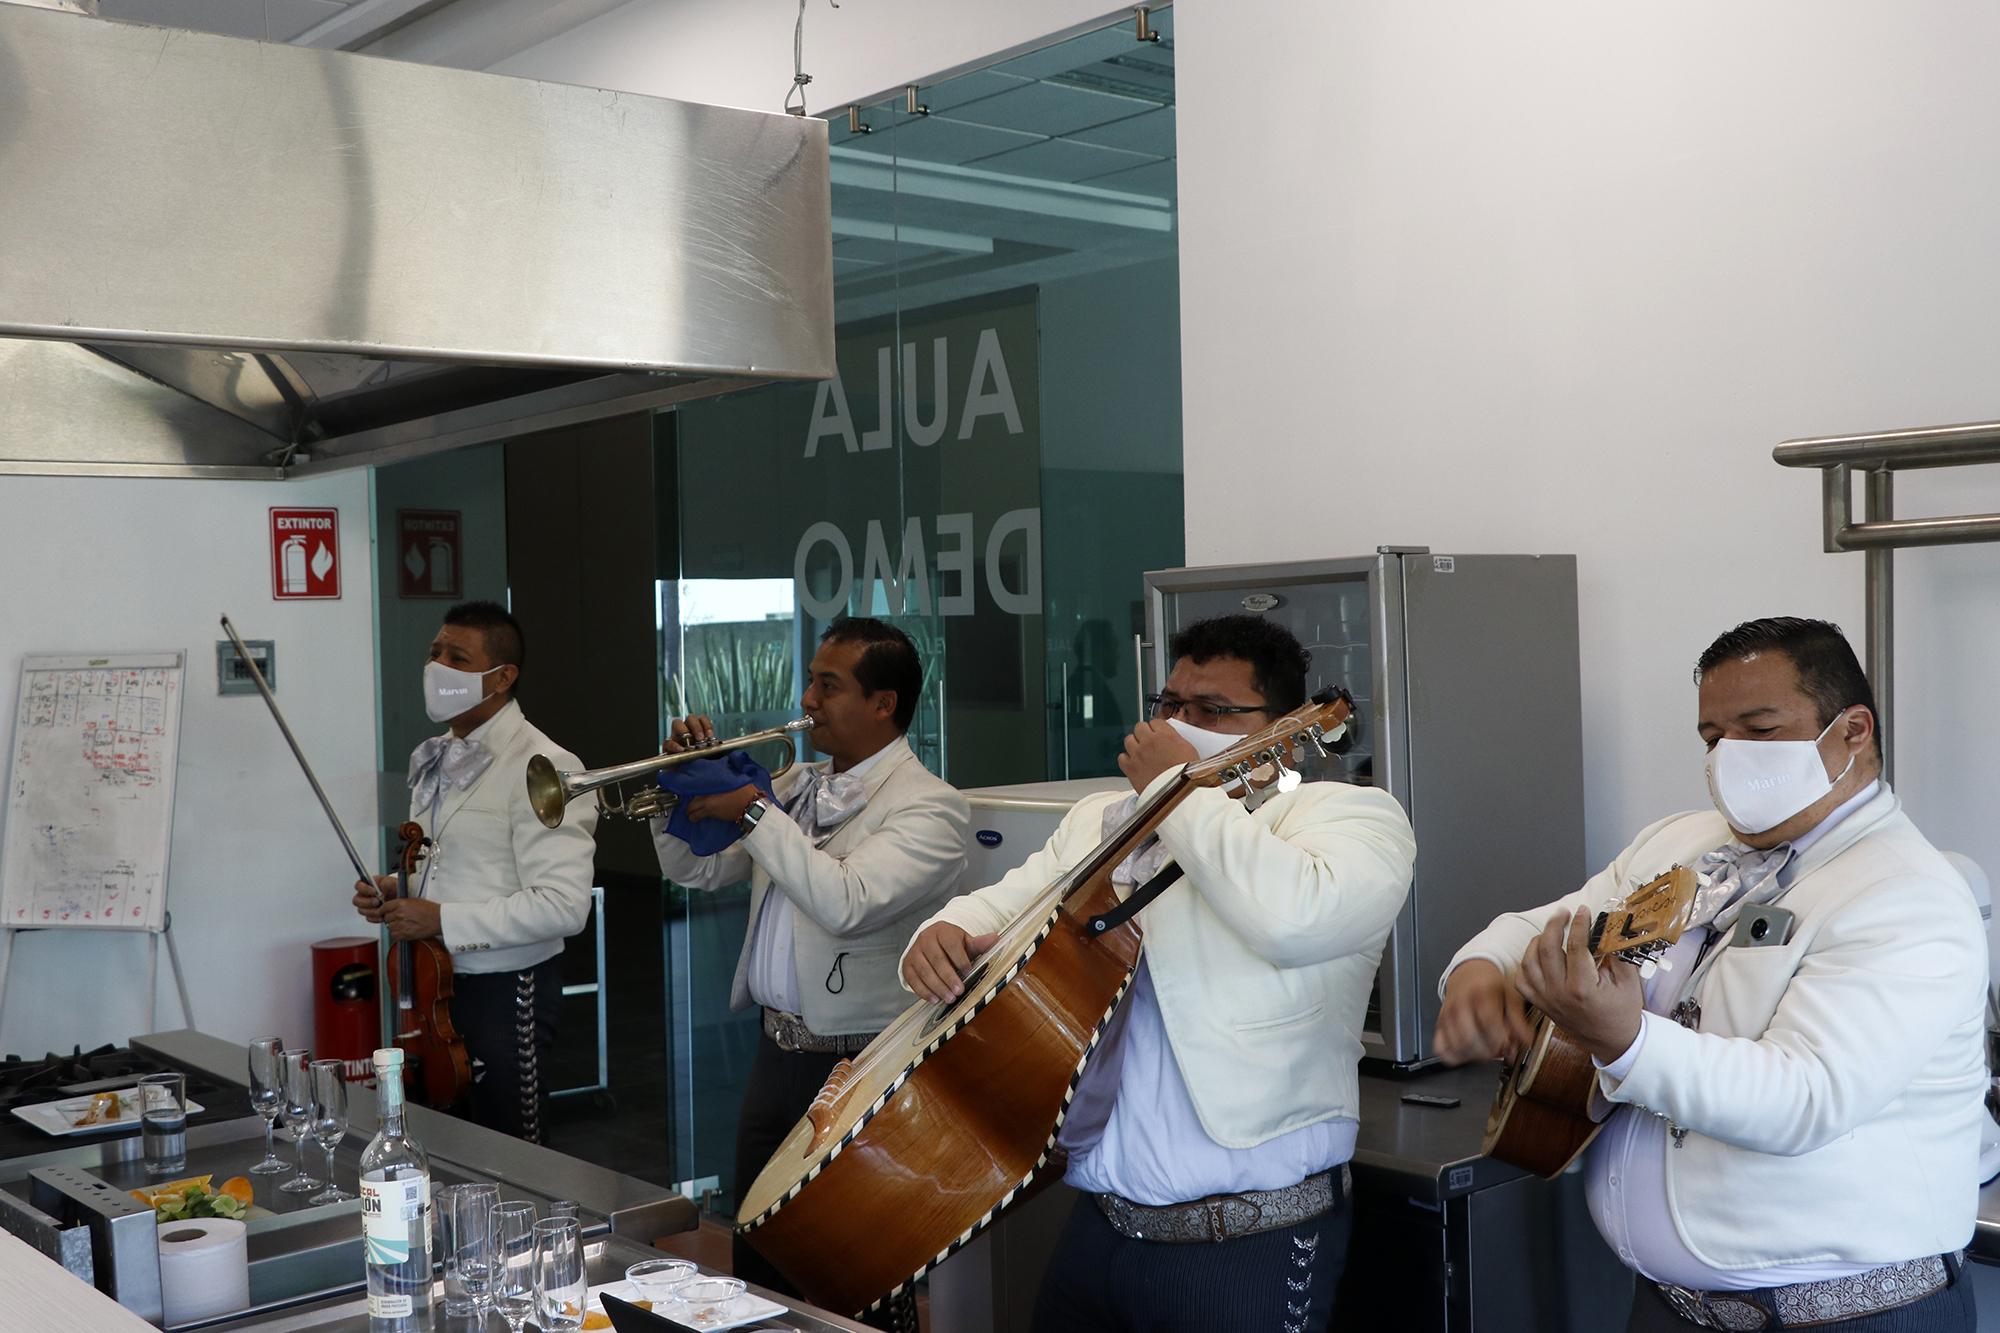 El sabor de Mexico hasta Colombia 230321